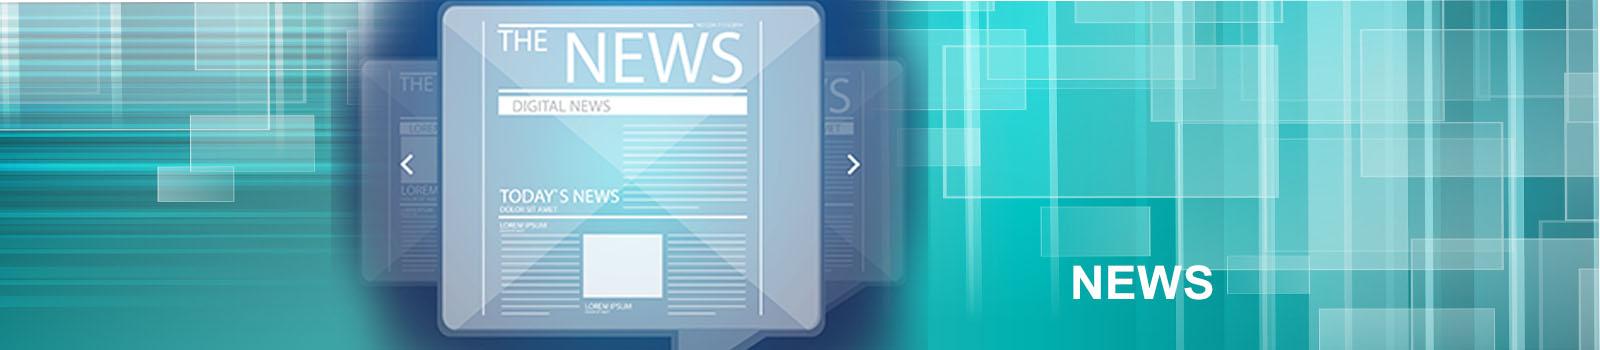 bannerNews.jpg